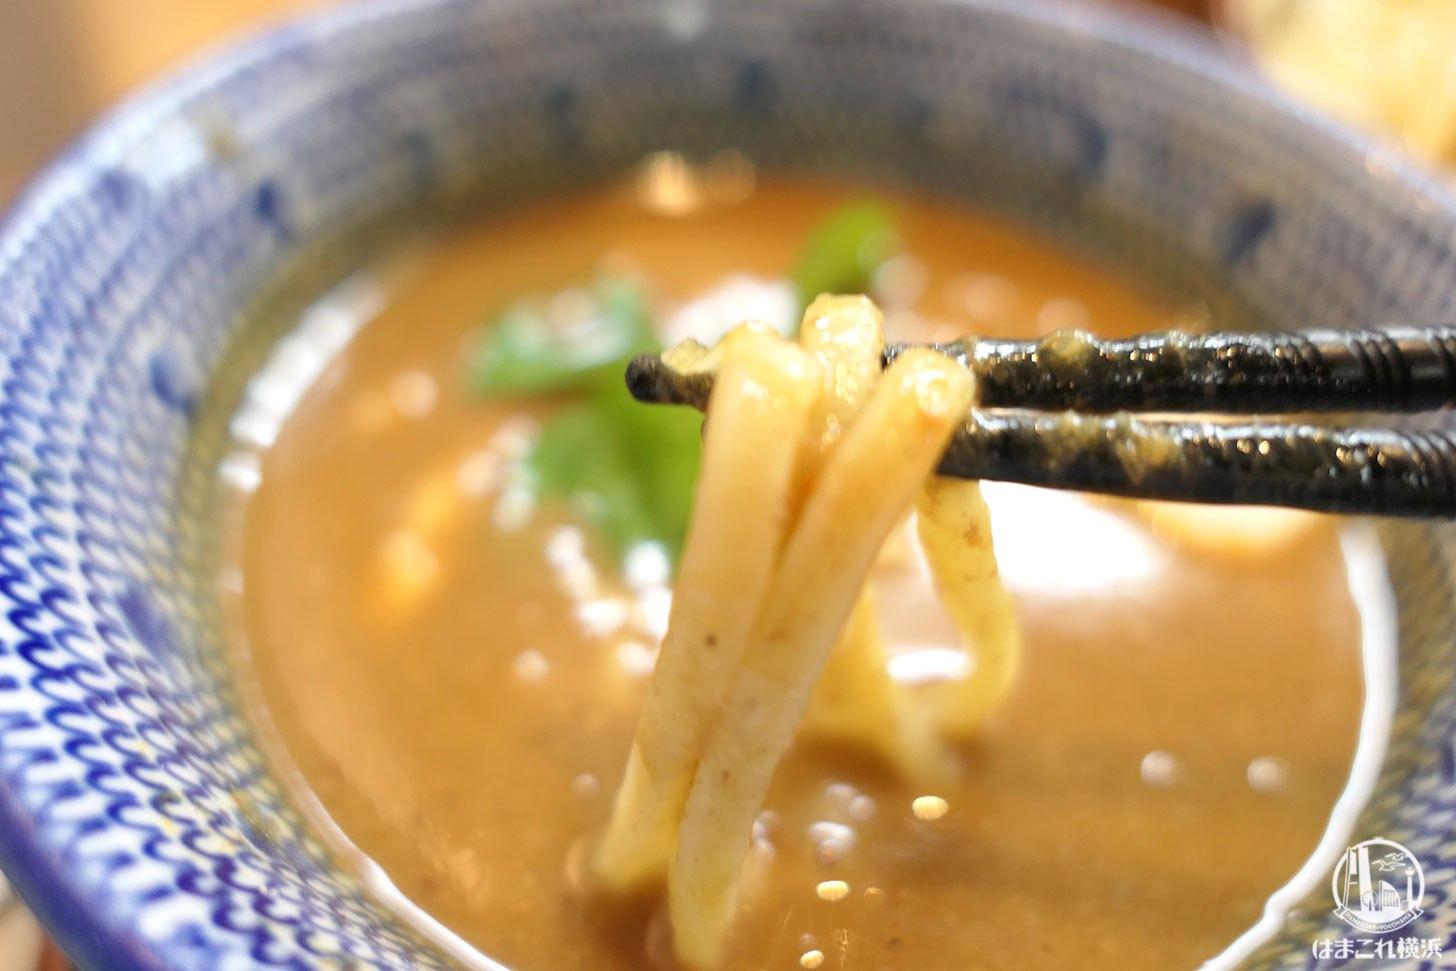 鶴嶺峰つけ麺 幕内(並)